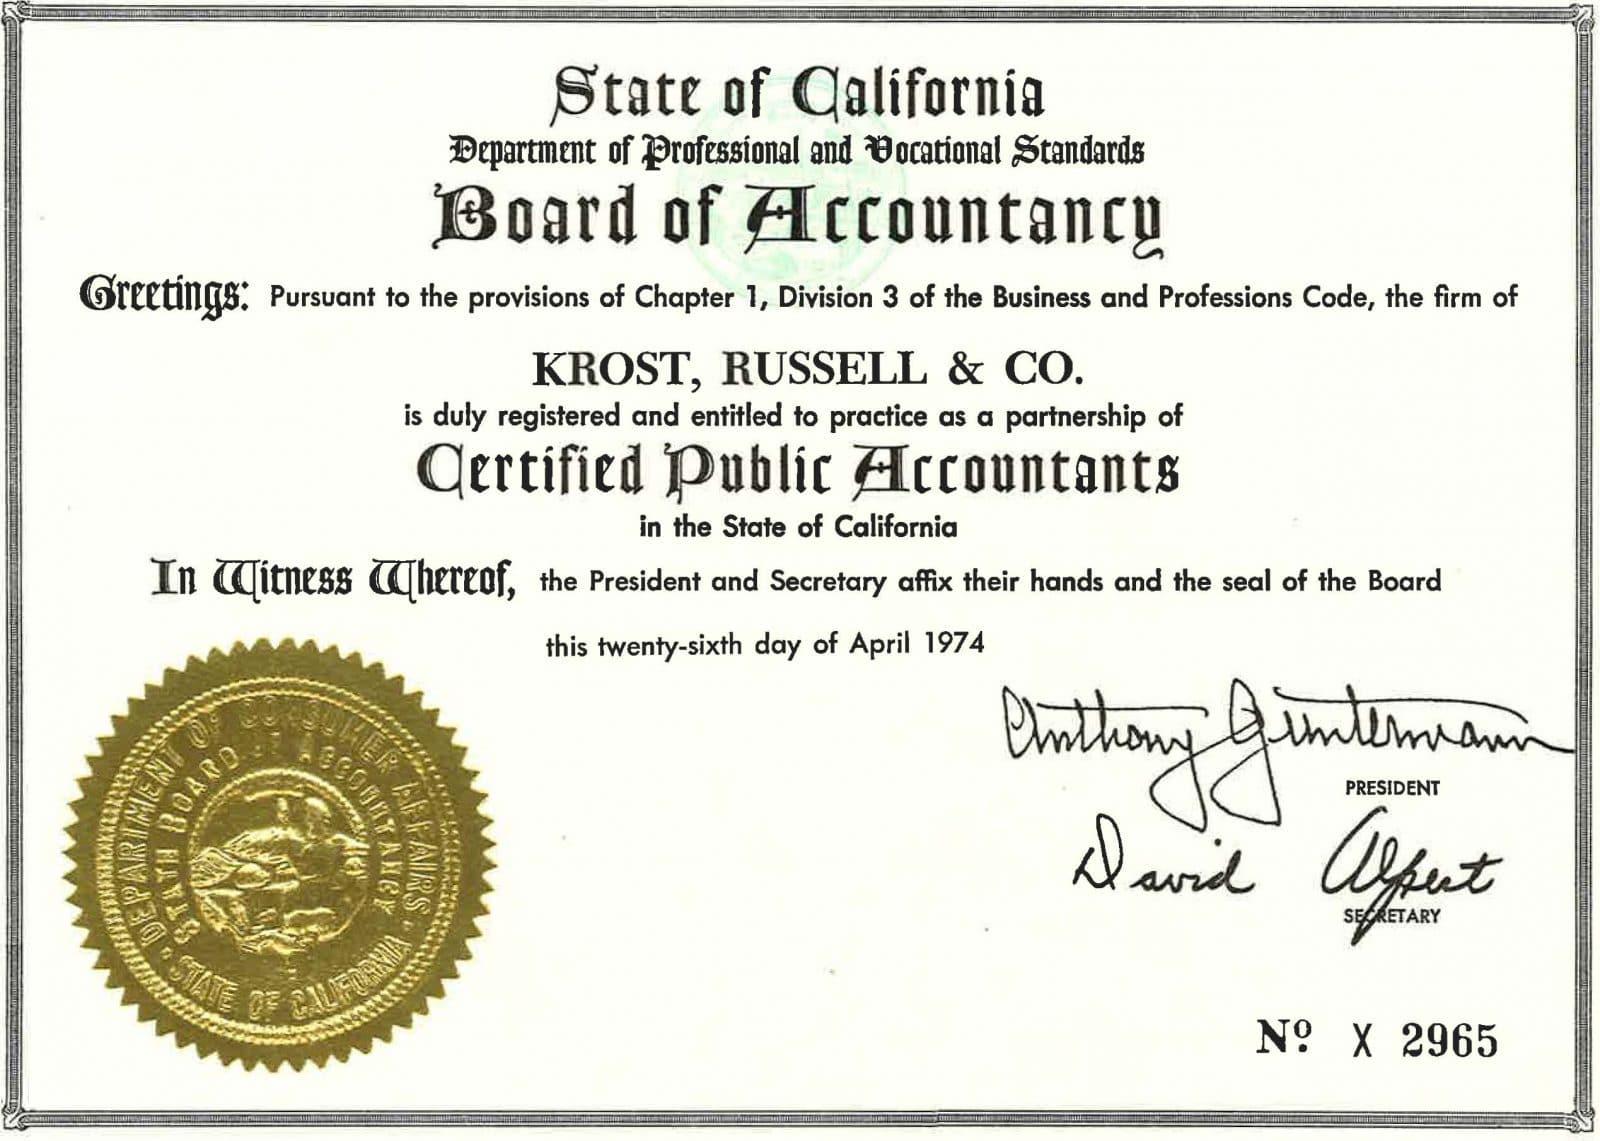 cpa certificate 1974